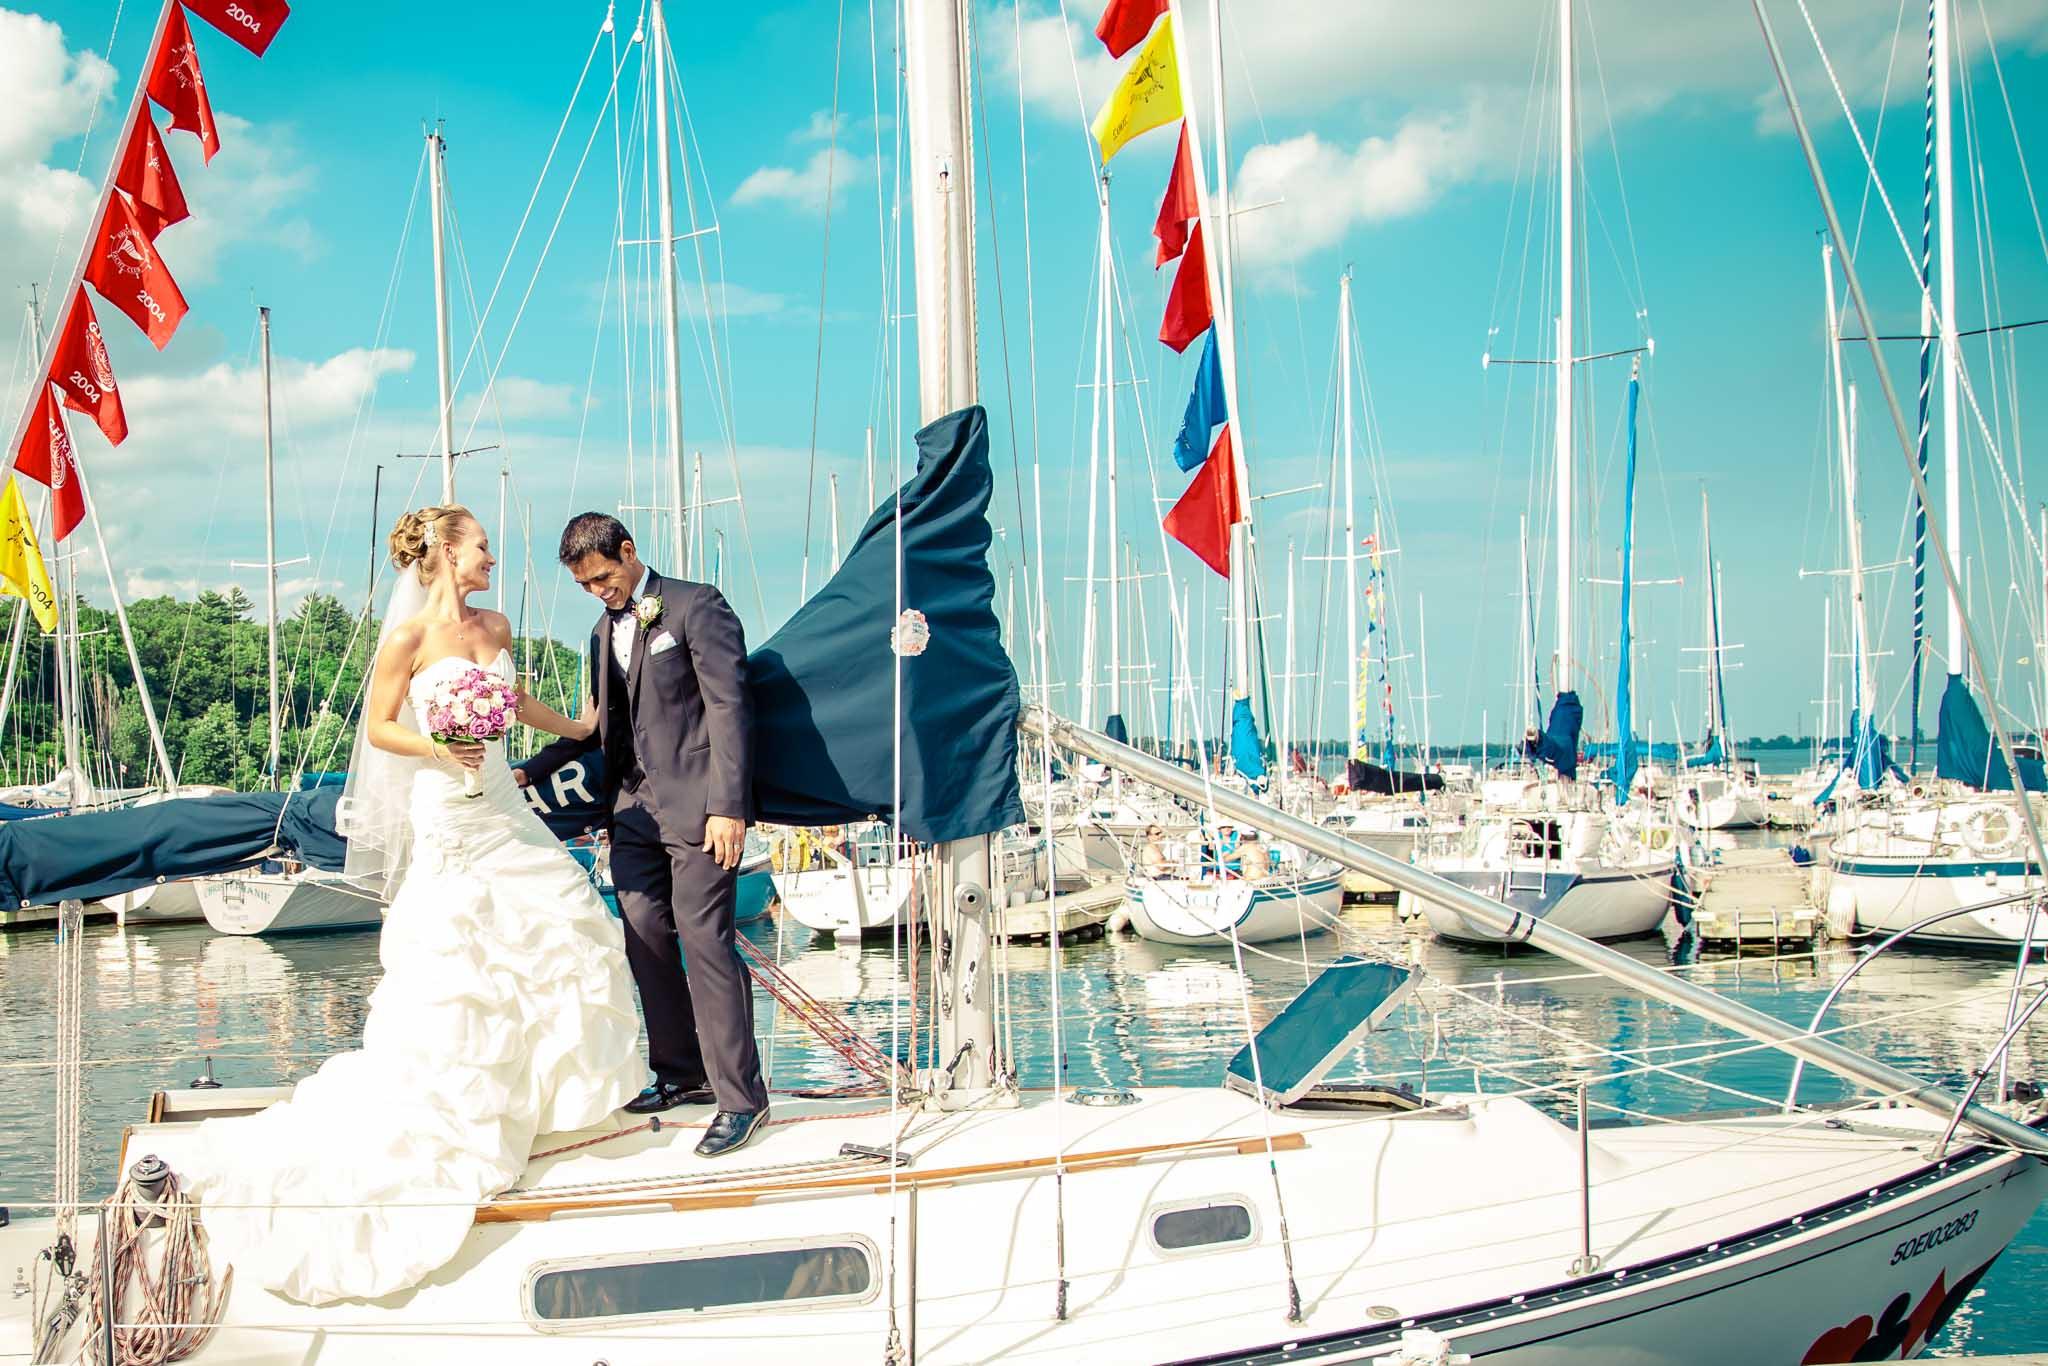 weddings_Chuckleberry-9045.jpg